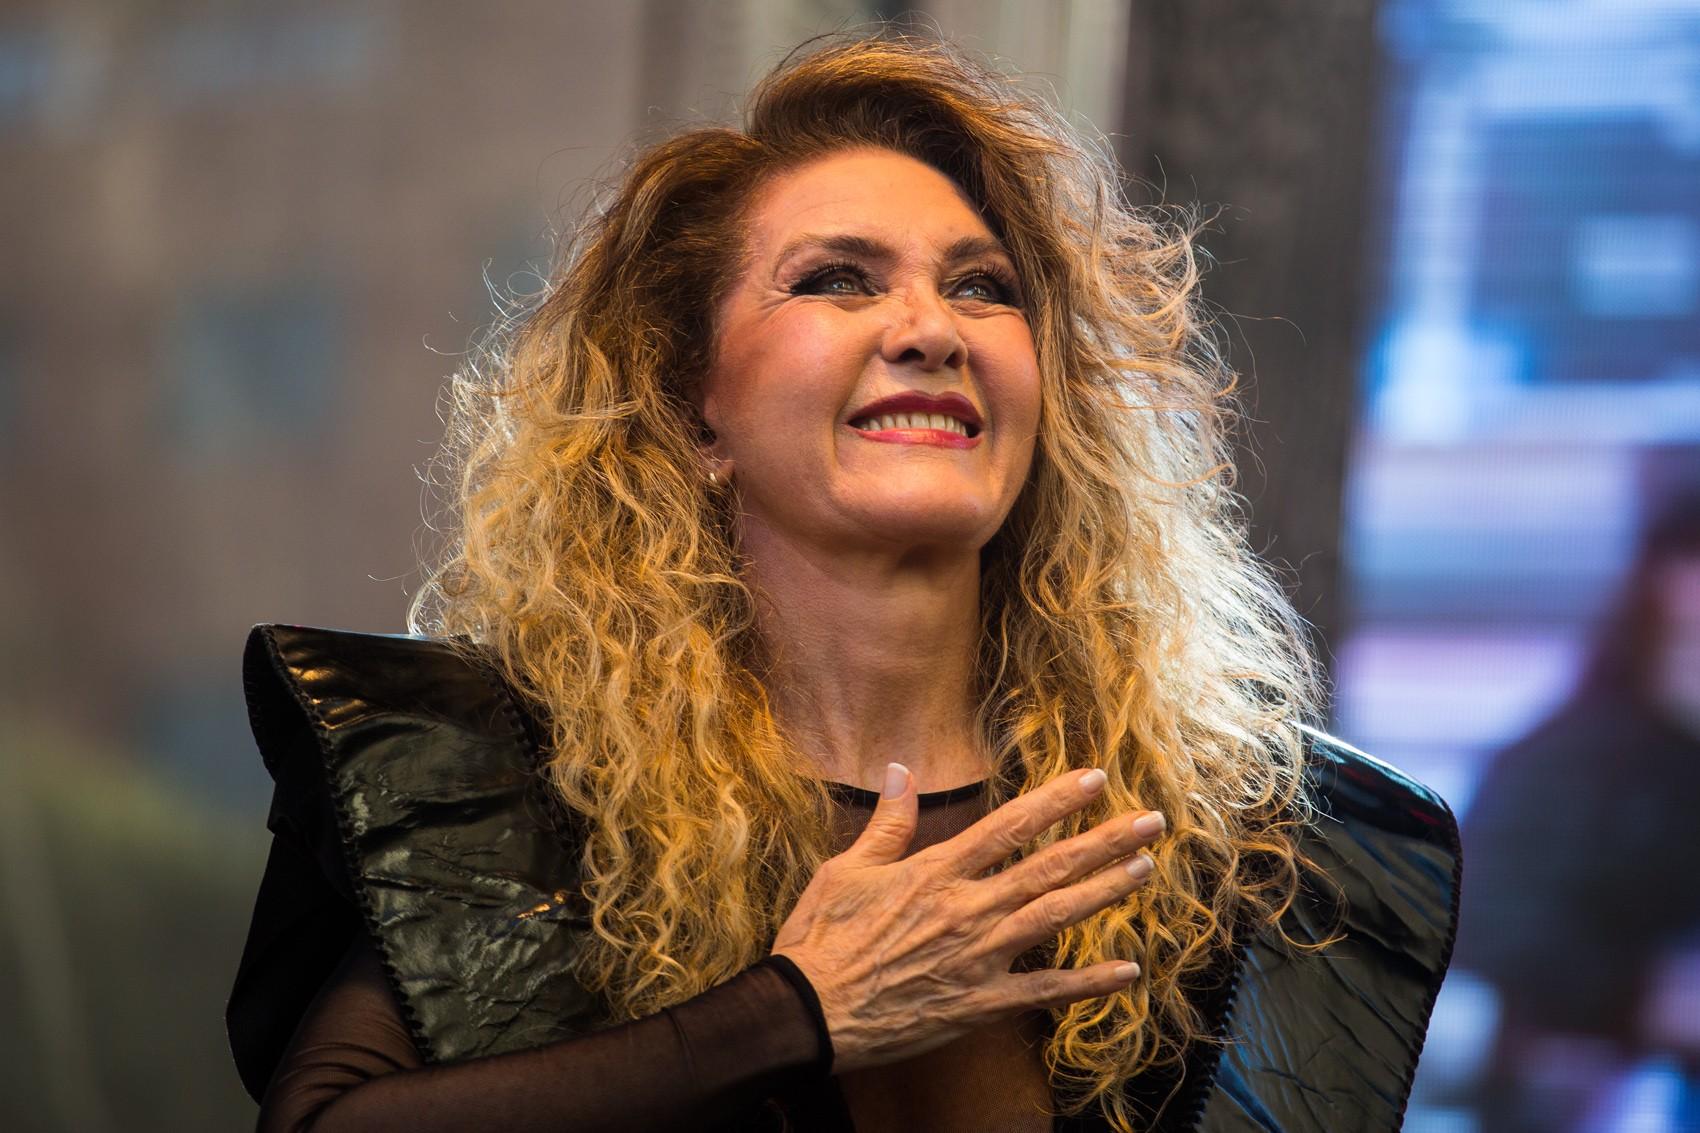 Wanderléa cai no choro ao gravar o primeiro álbum em cinco anos